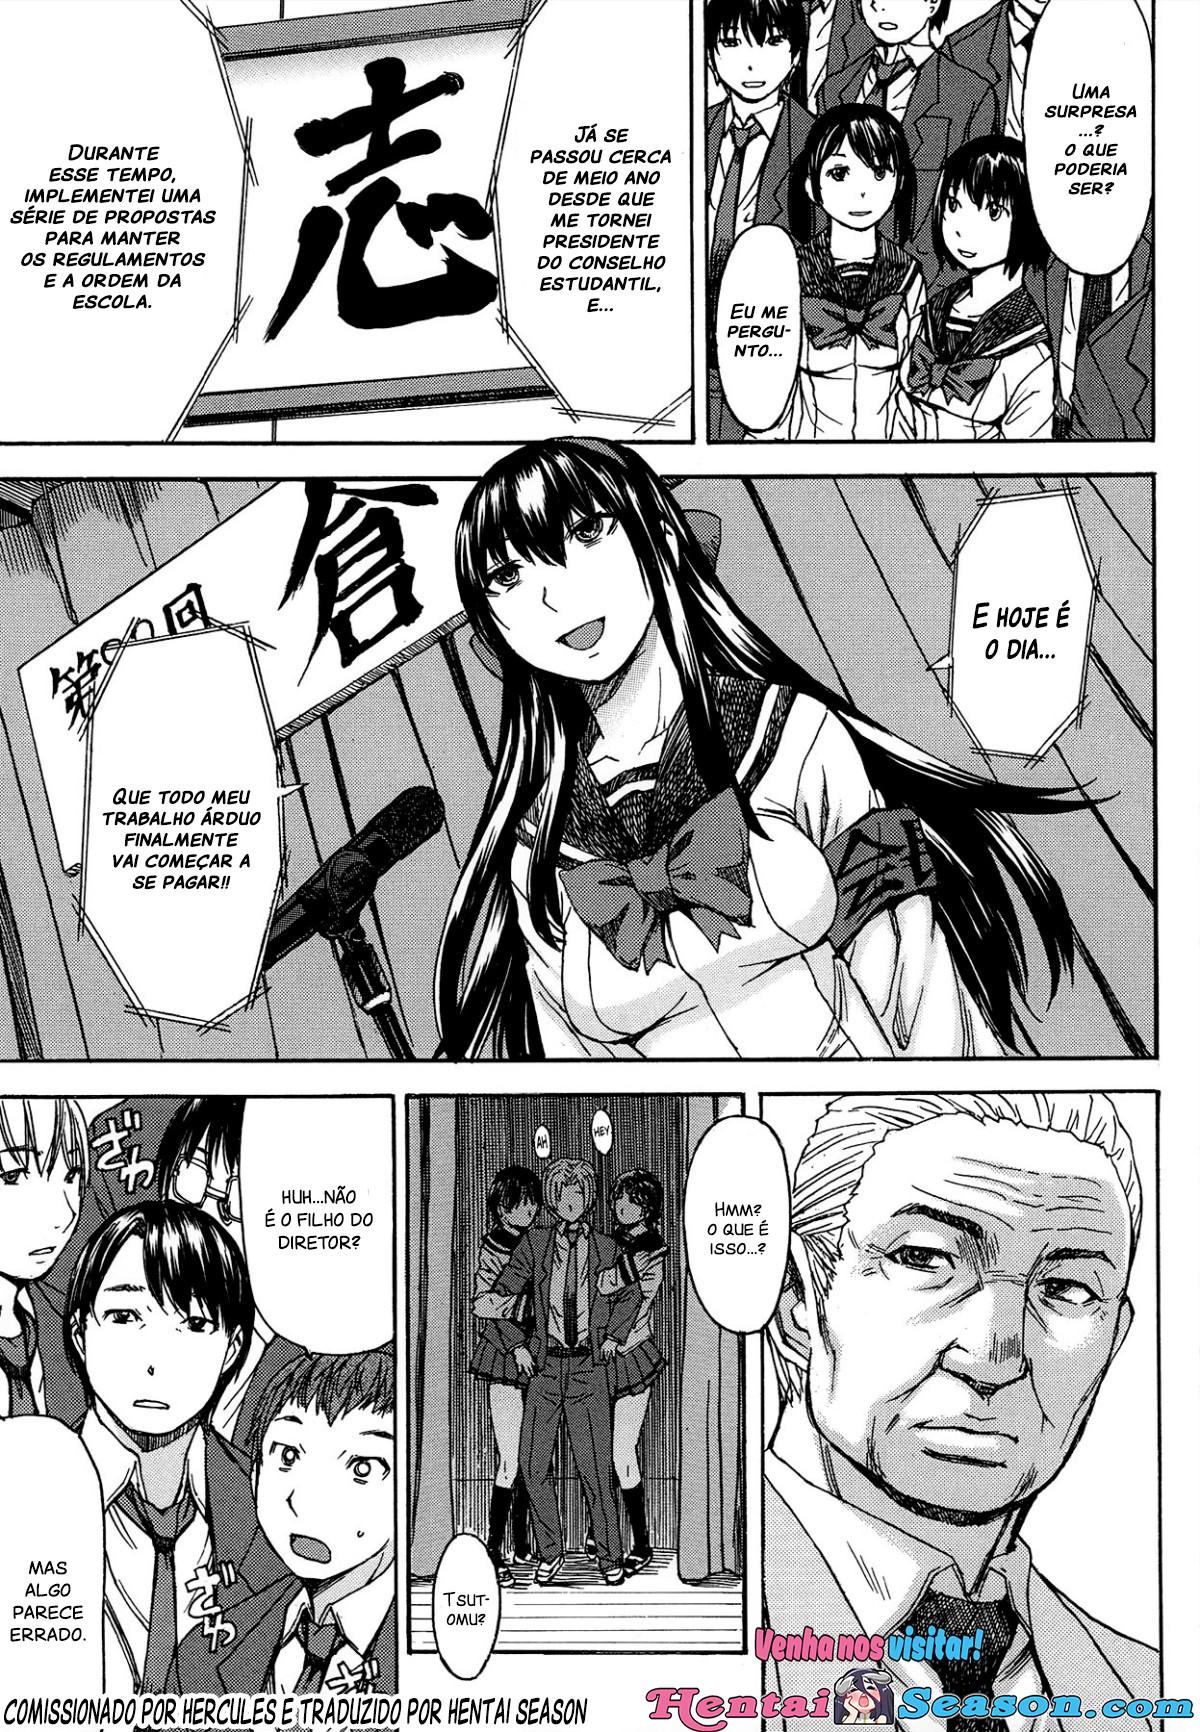 Ashigami Capitulo 5 - pagina 3